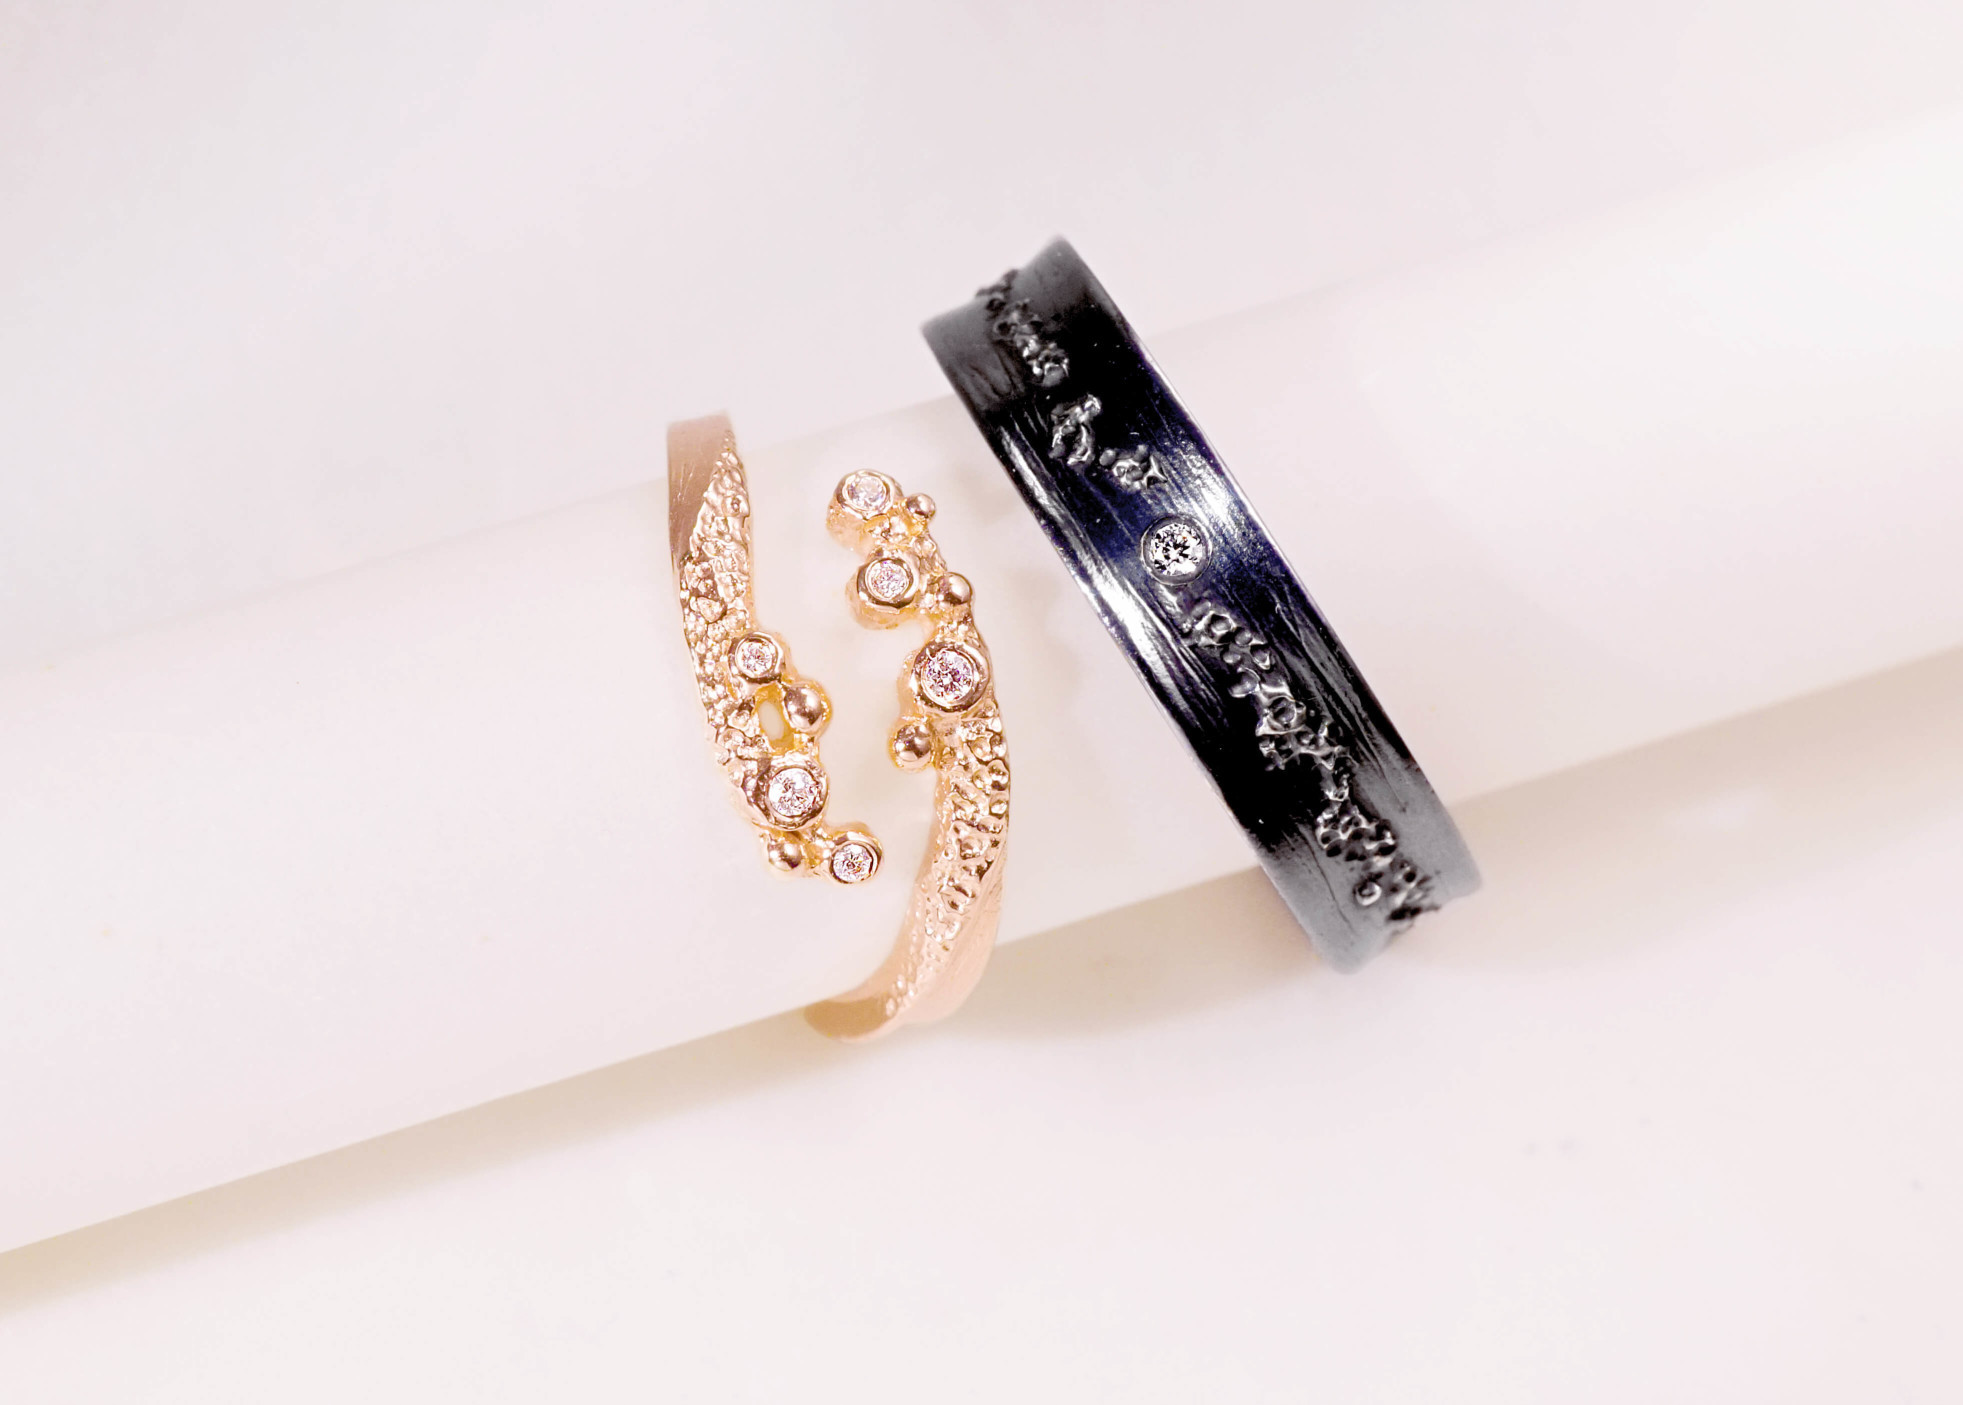 Chia Jewelry客製化婚戒品牌|婚戒推薦|客製化對戒品牌推薦|結婚鑽戒品牌推薦